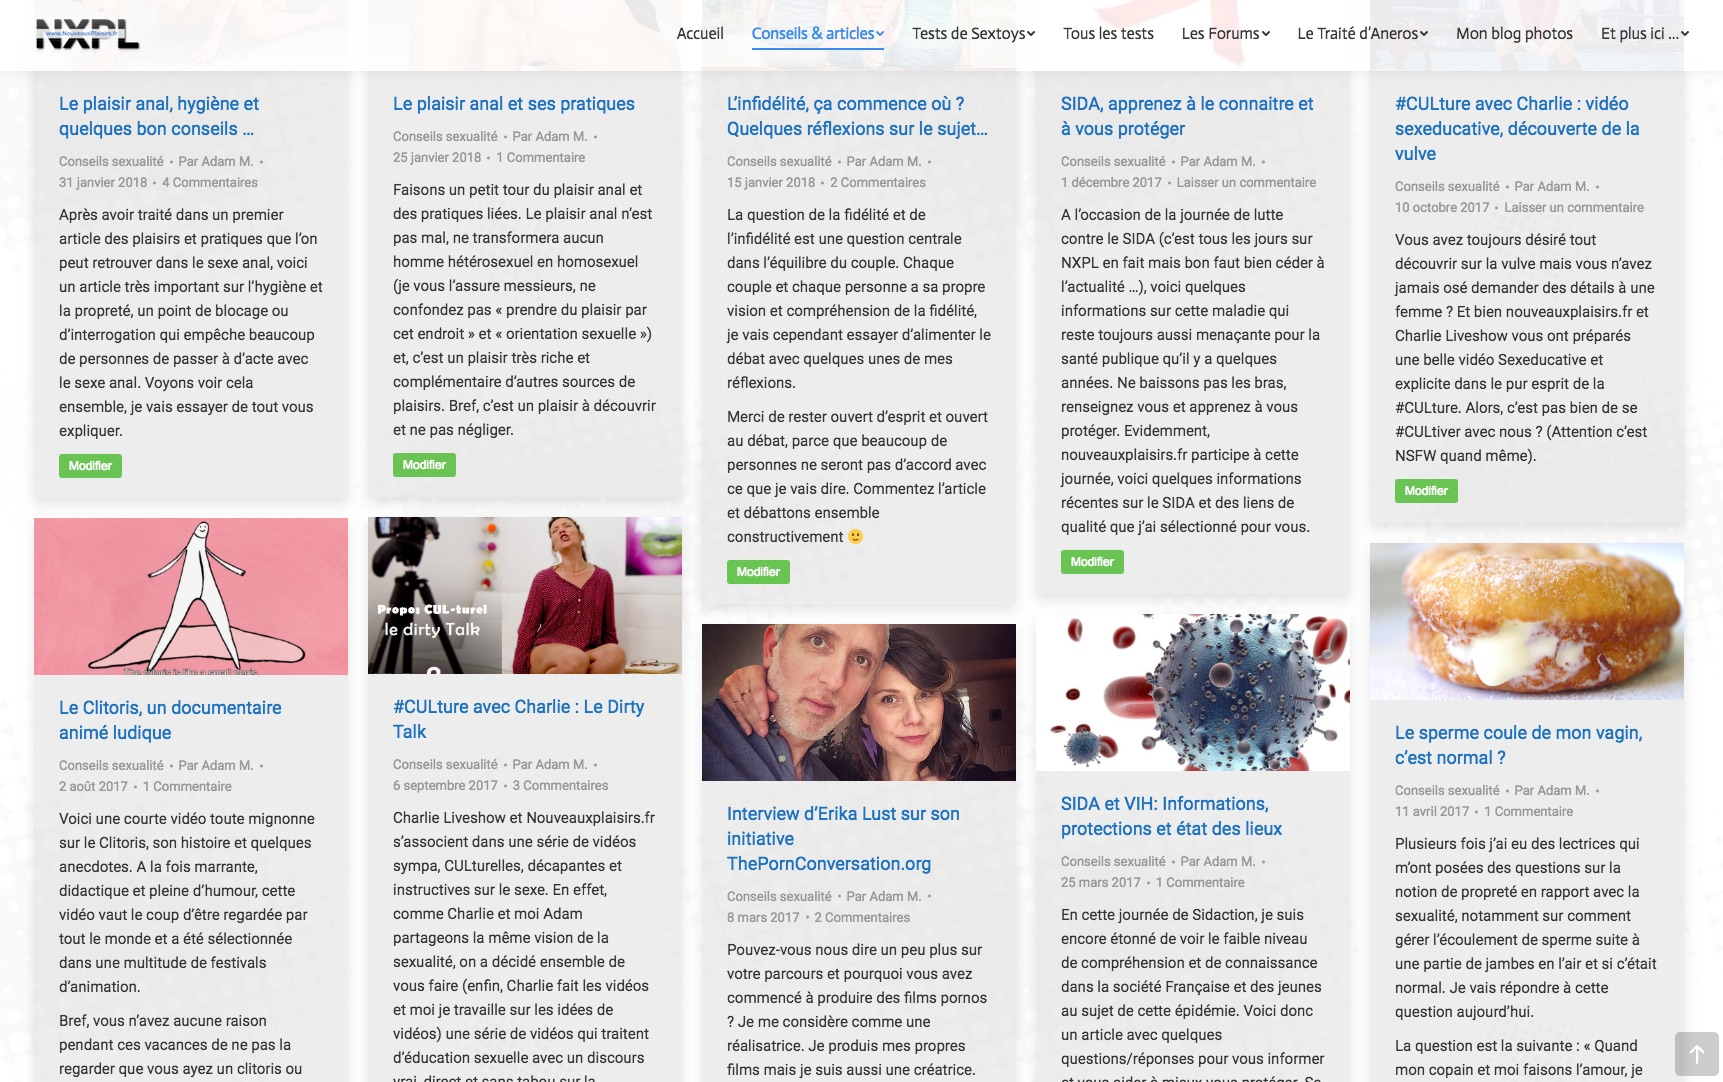 Exemples d'articles